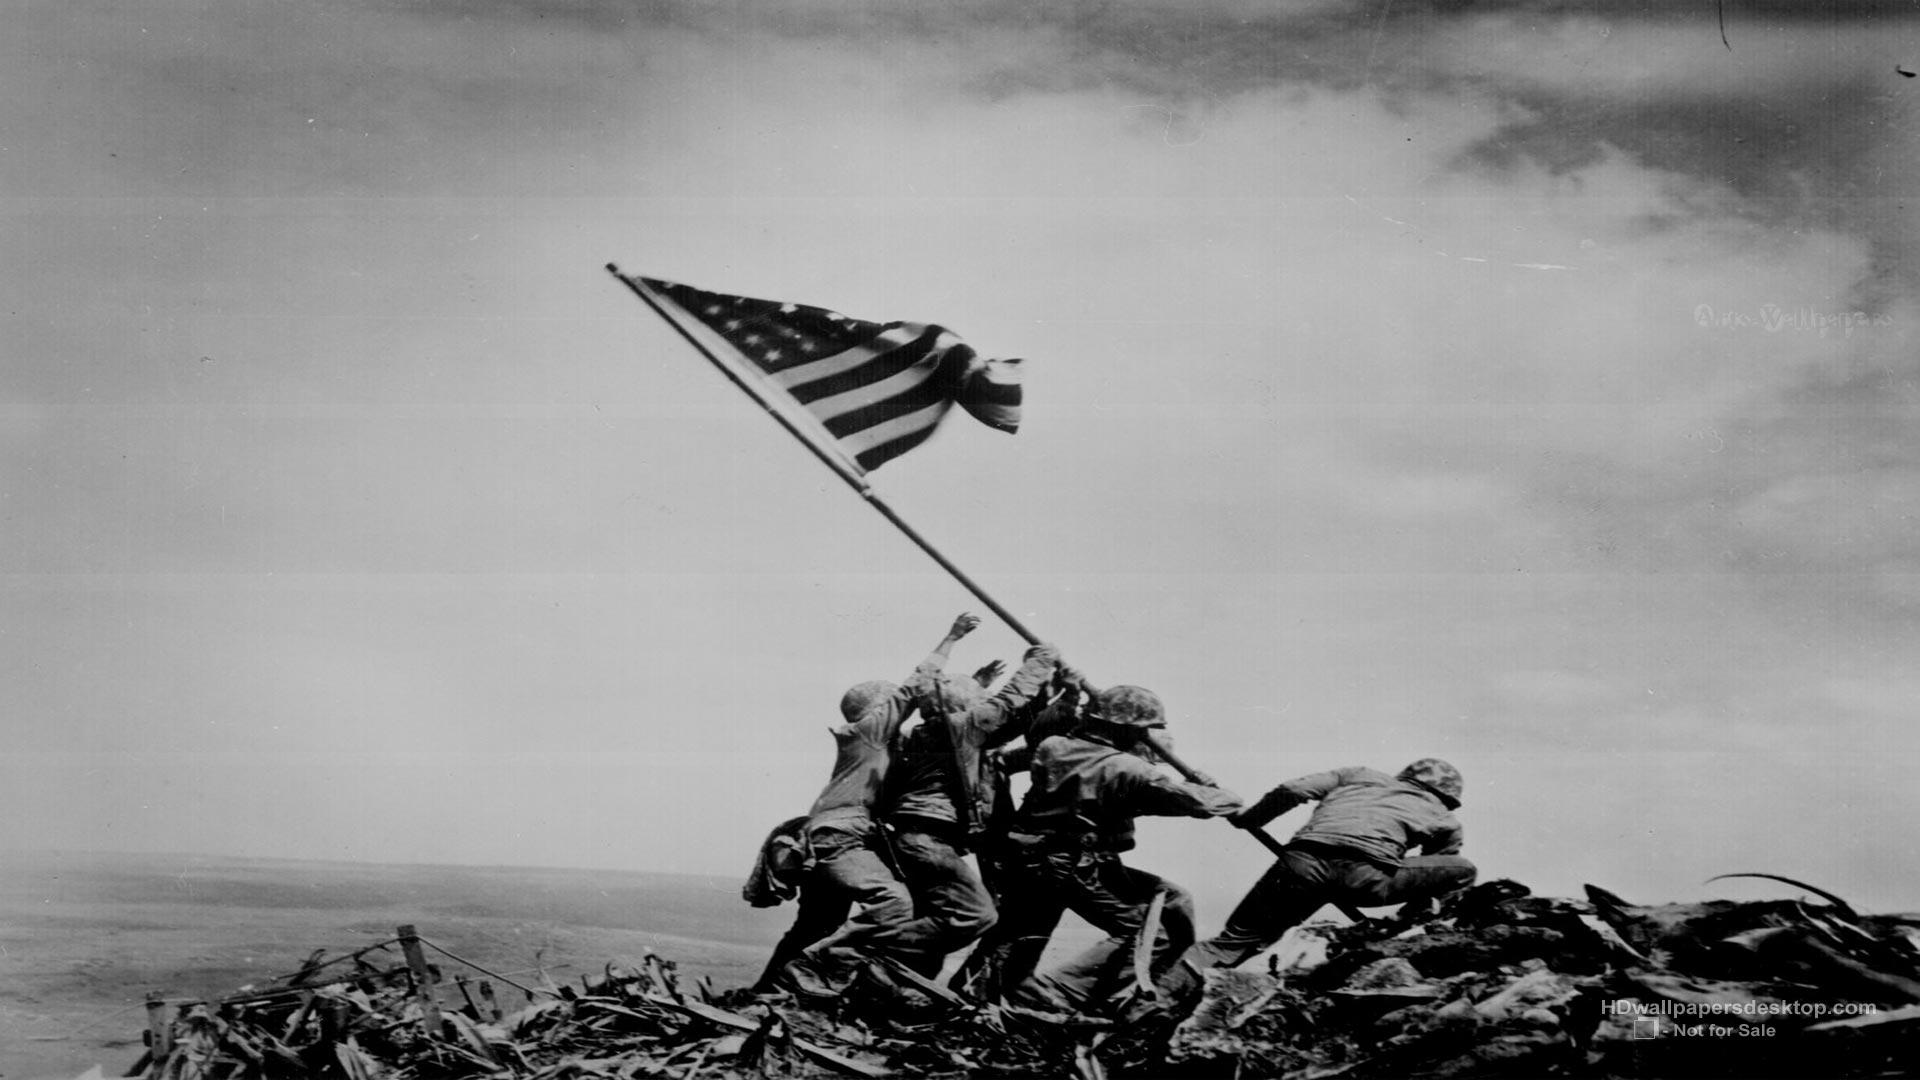 Free download Iwo Jima Flag Raising